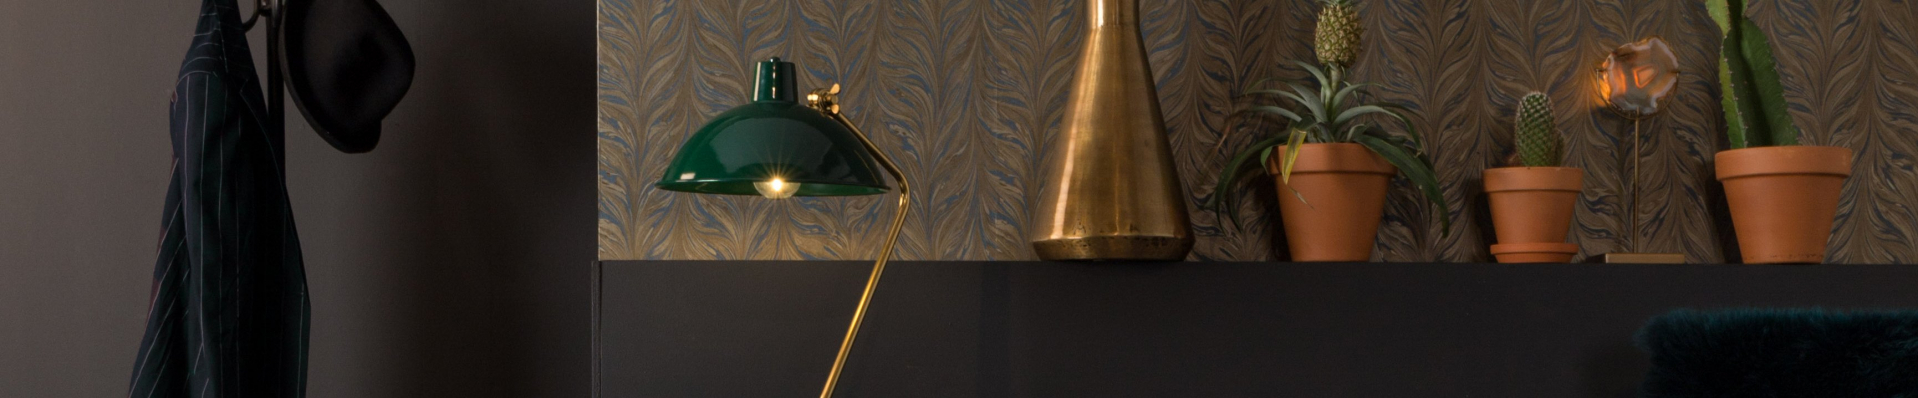 Dutchbone tafellampen